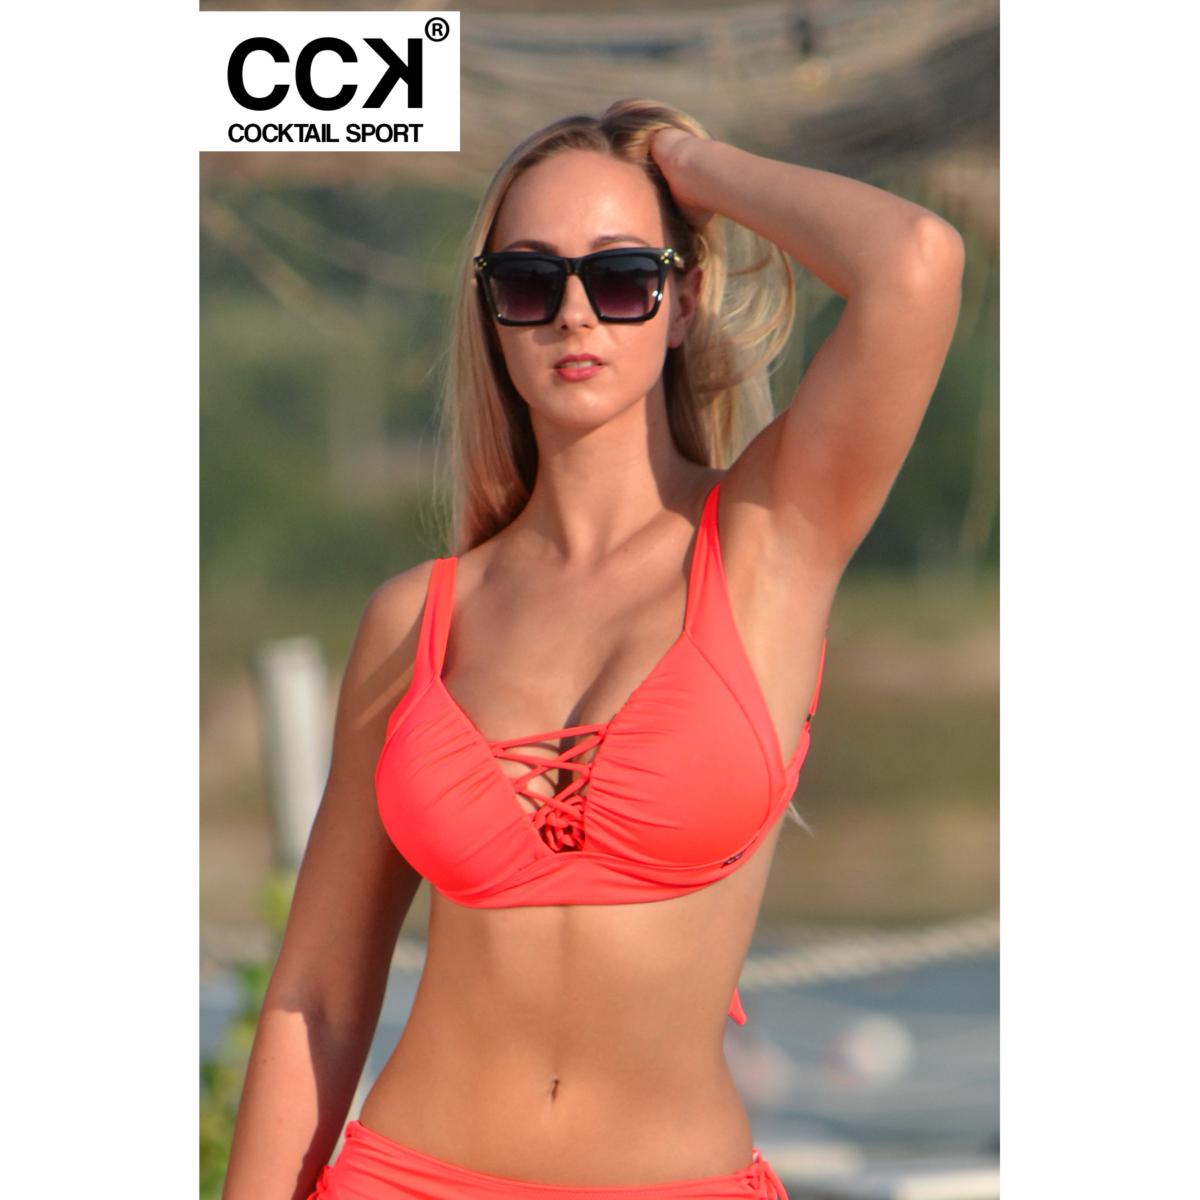 Korall piros (neon) basic, alul és oldalt széles pántos, állítható vállpántos, push up B formakosaras háromszög bikini felső